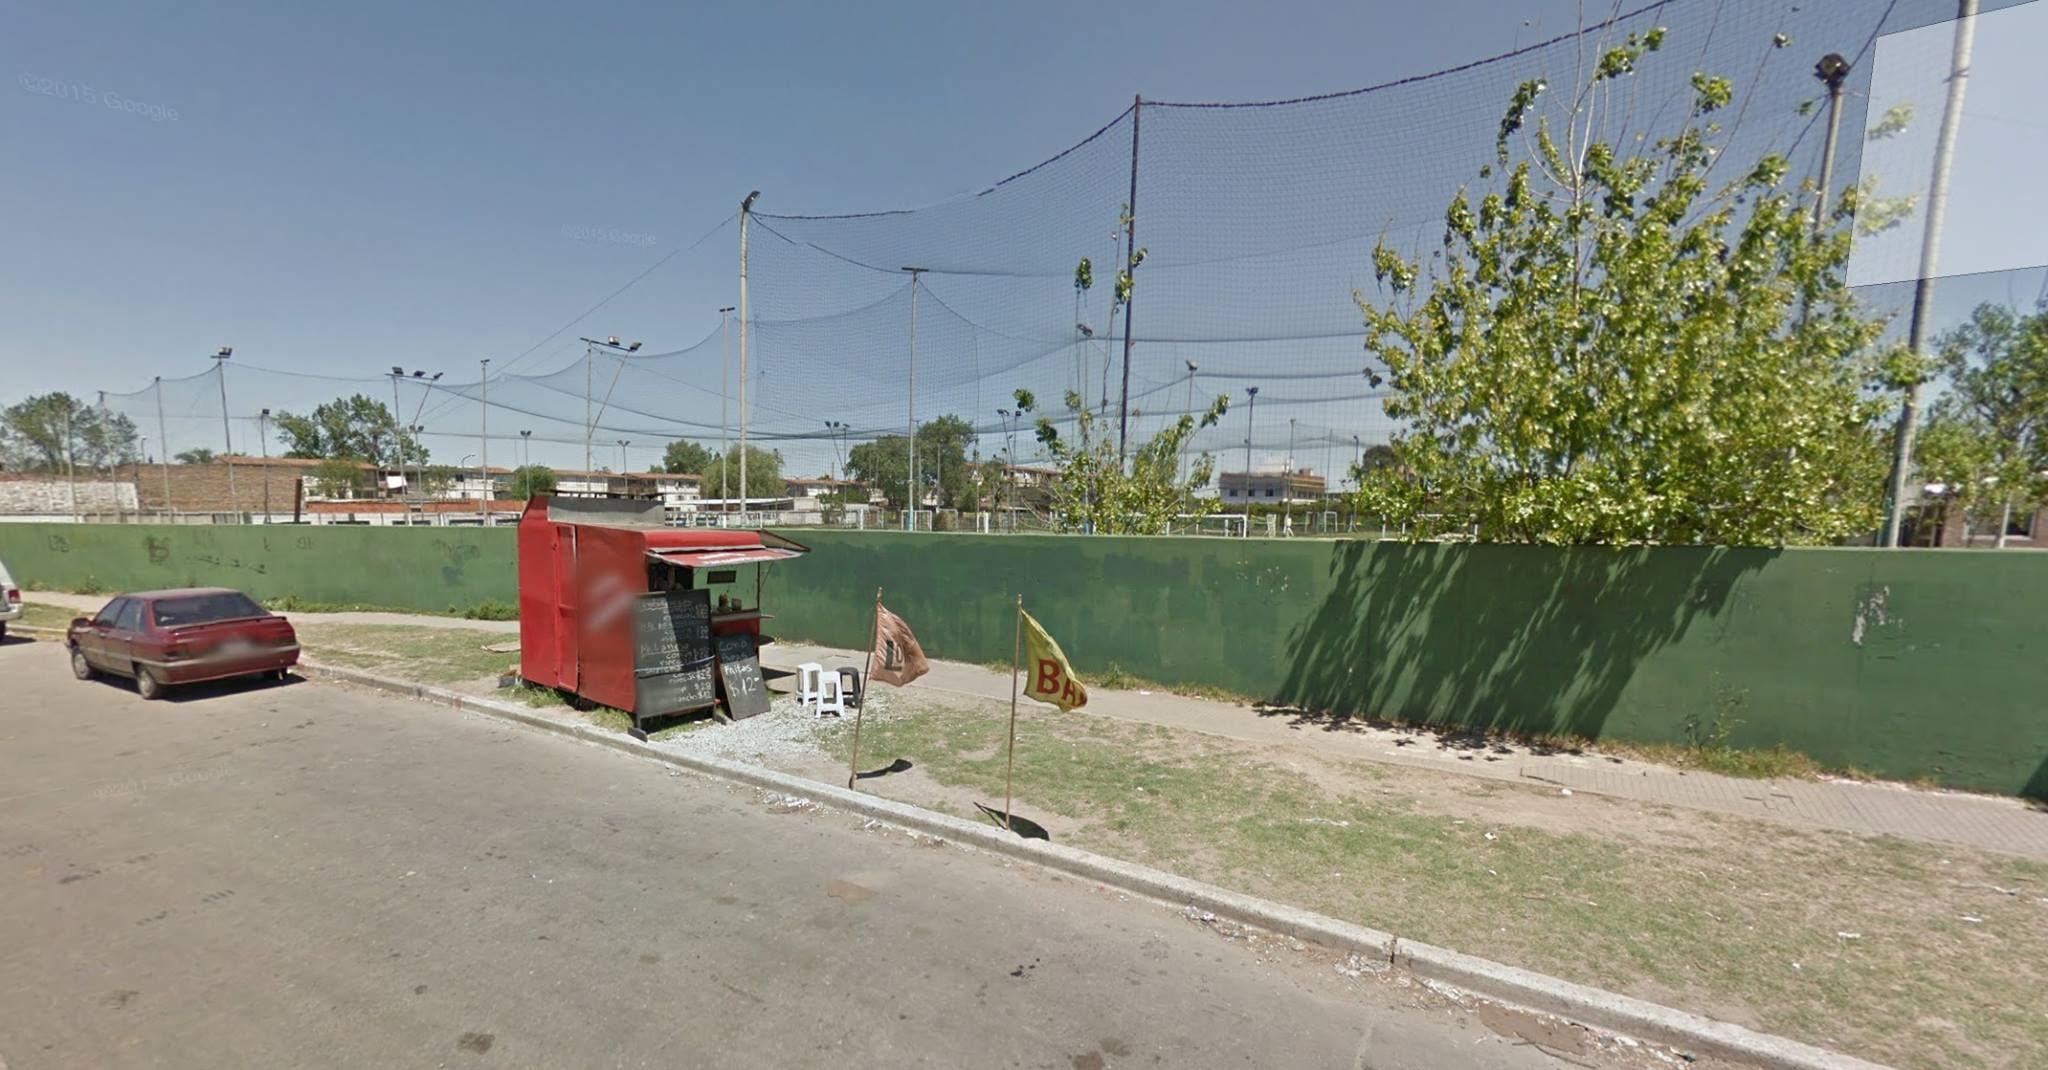 El carrito de Mendoza  y Circunvalación. Allí estaba la víctima cuando dos sicarios la ejecutaron. (Foto Google Street View)